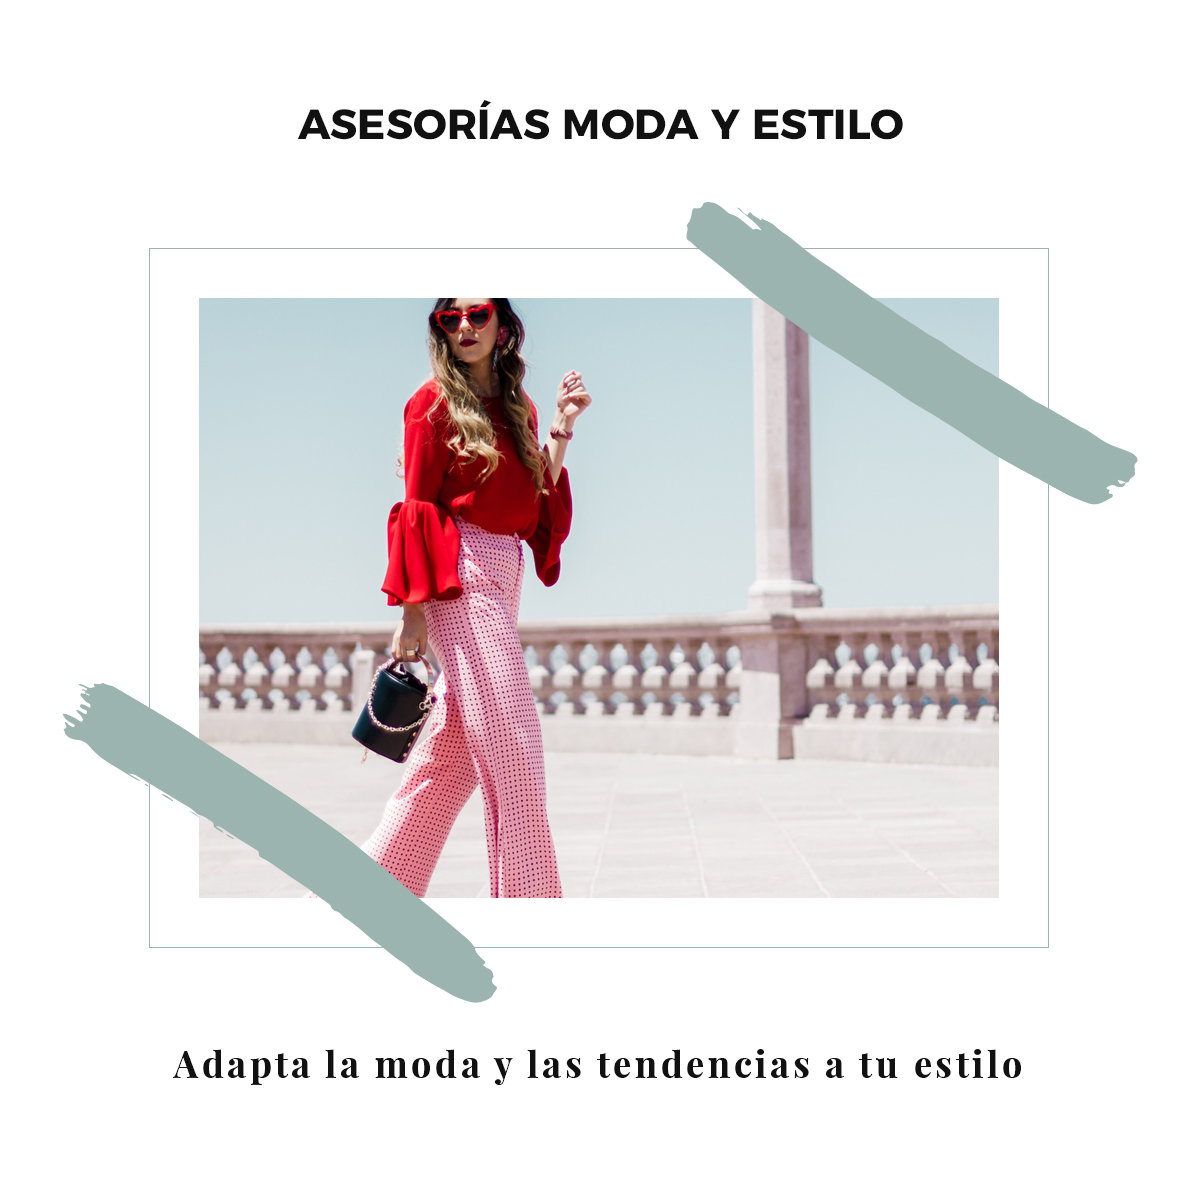 asesorías moda y estilo